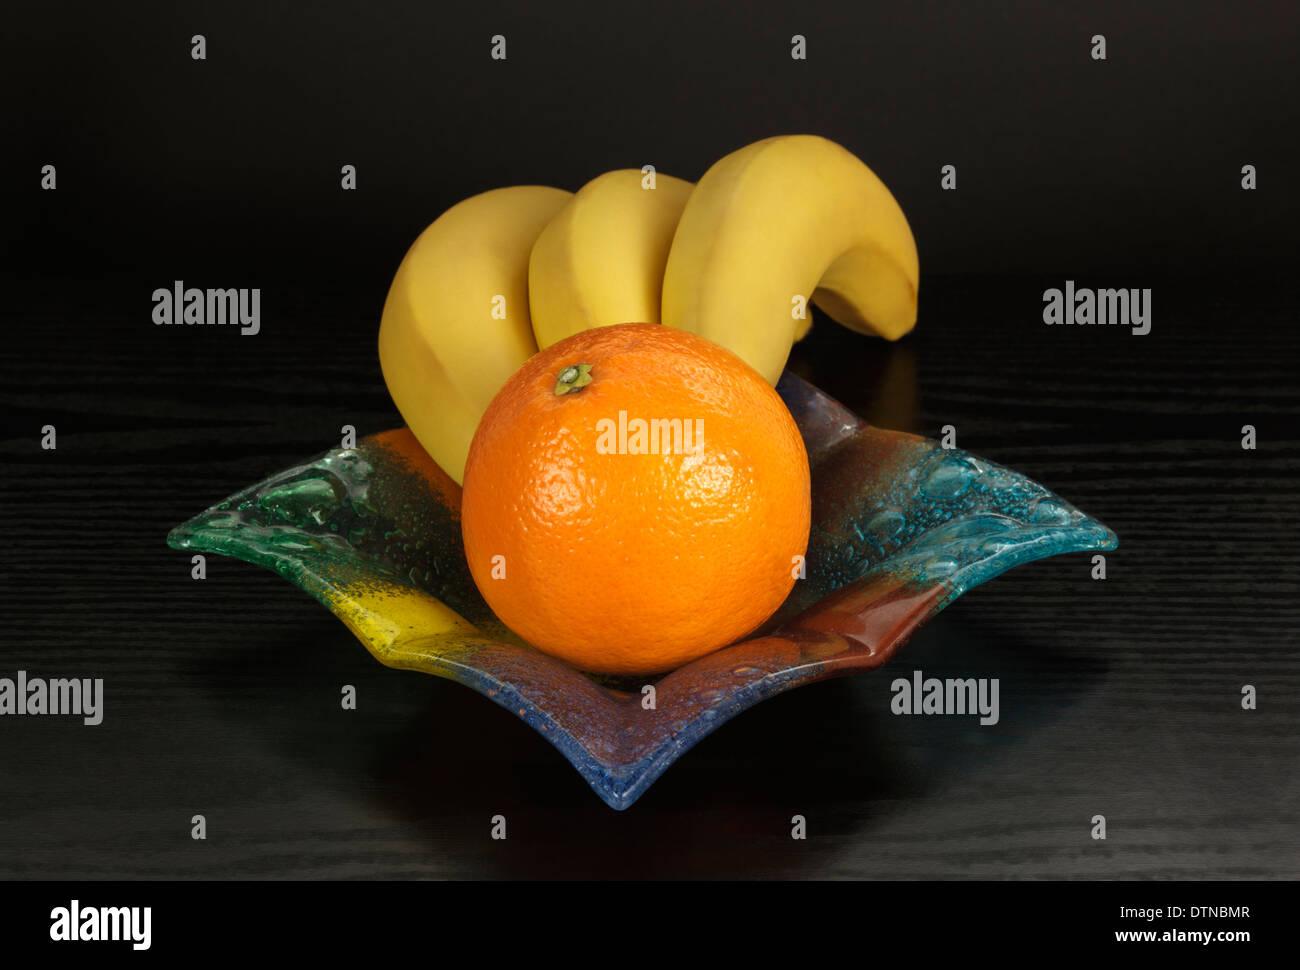 Los plátanos y de color naranja en el tazón de vidrio. Imagen De Stock